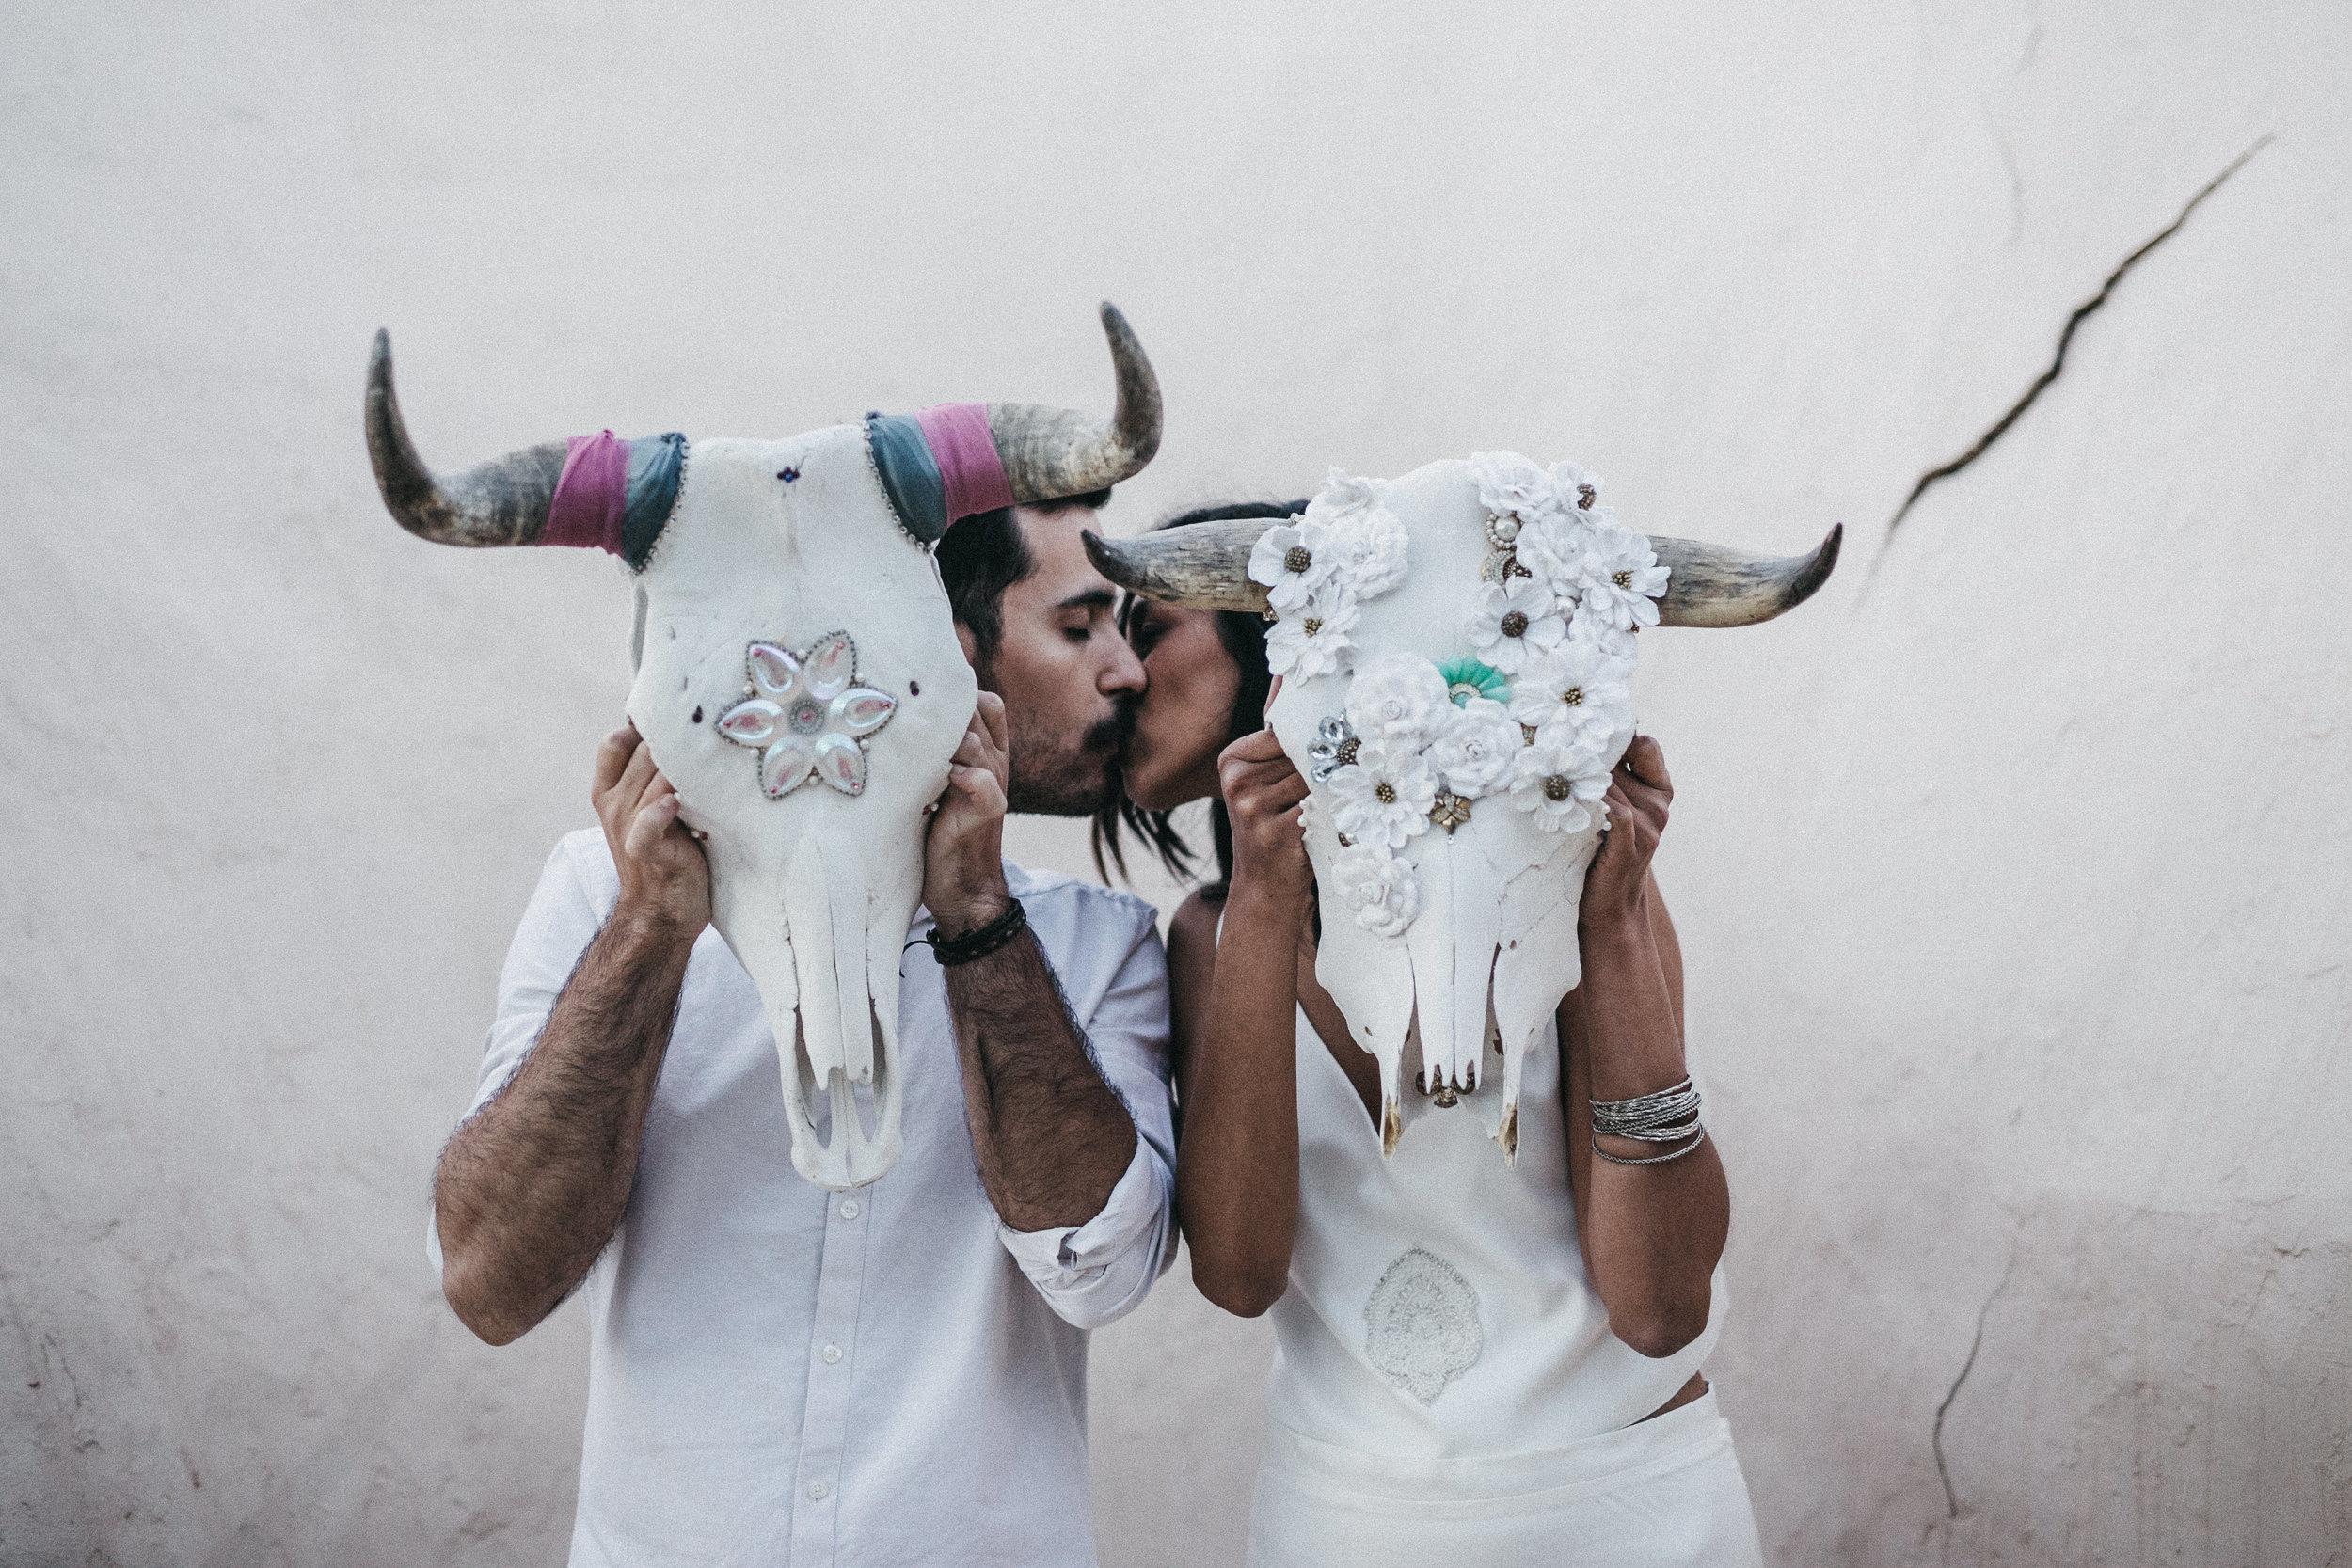 Fotografo de bodas españa serafin castillo wedding photographer spain 015.jpg